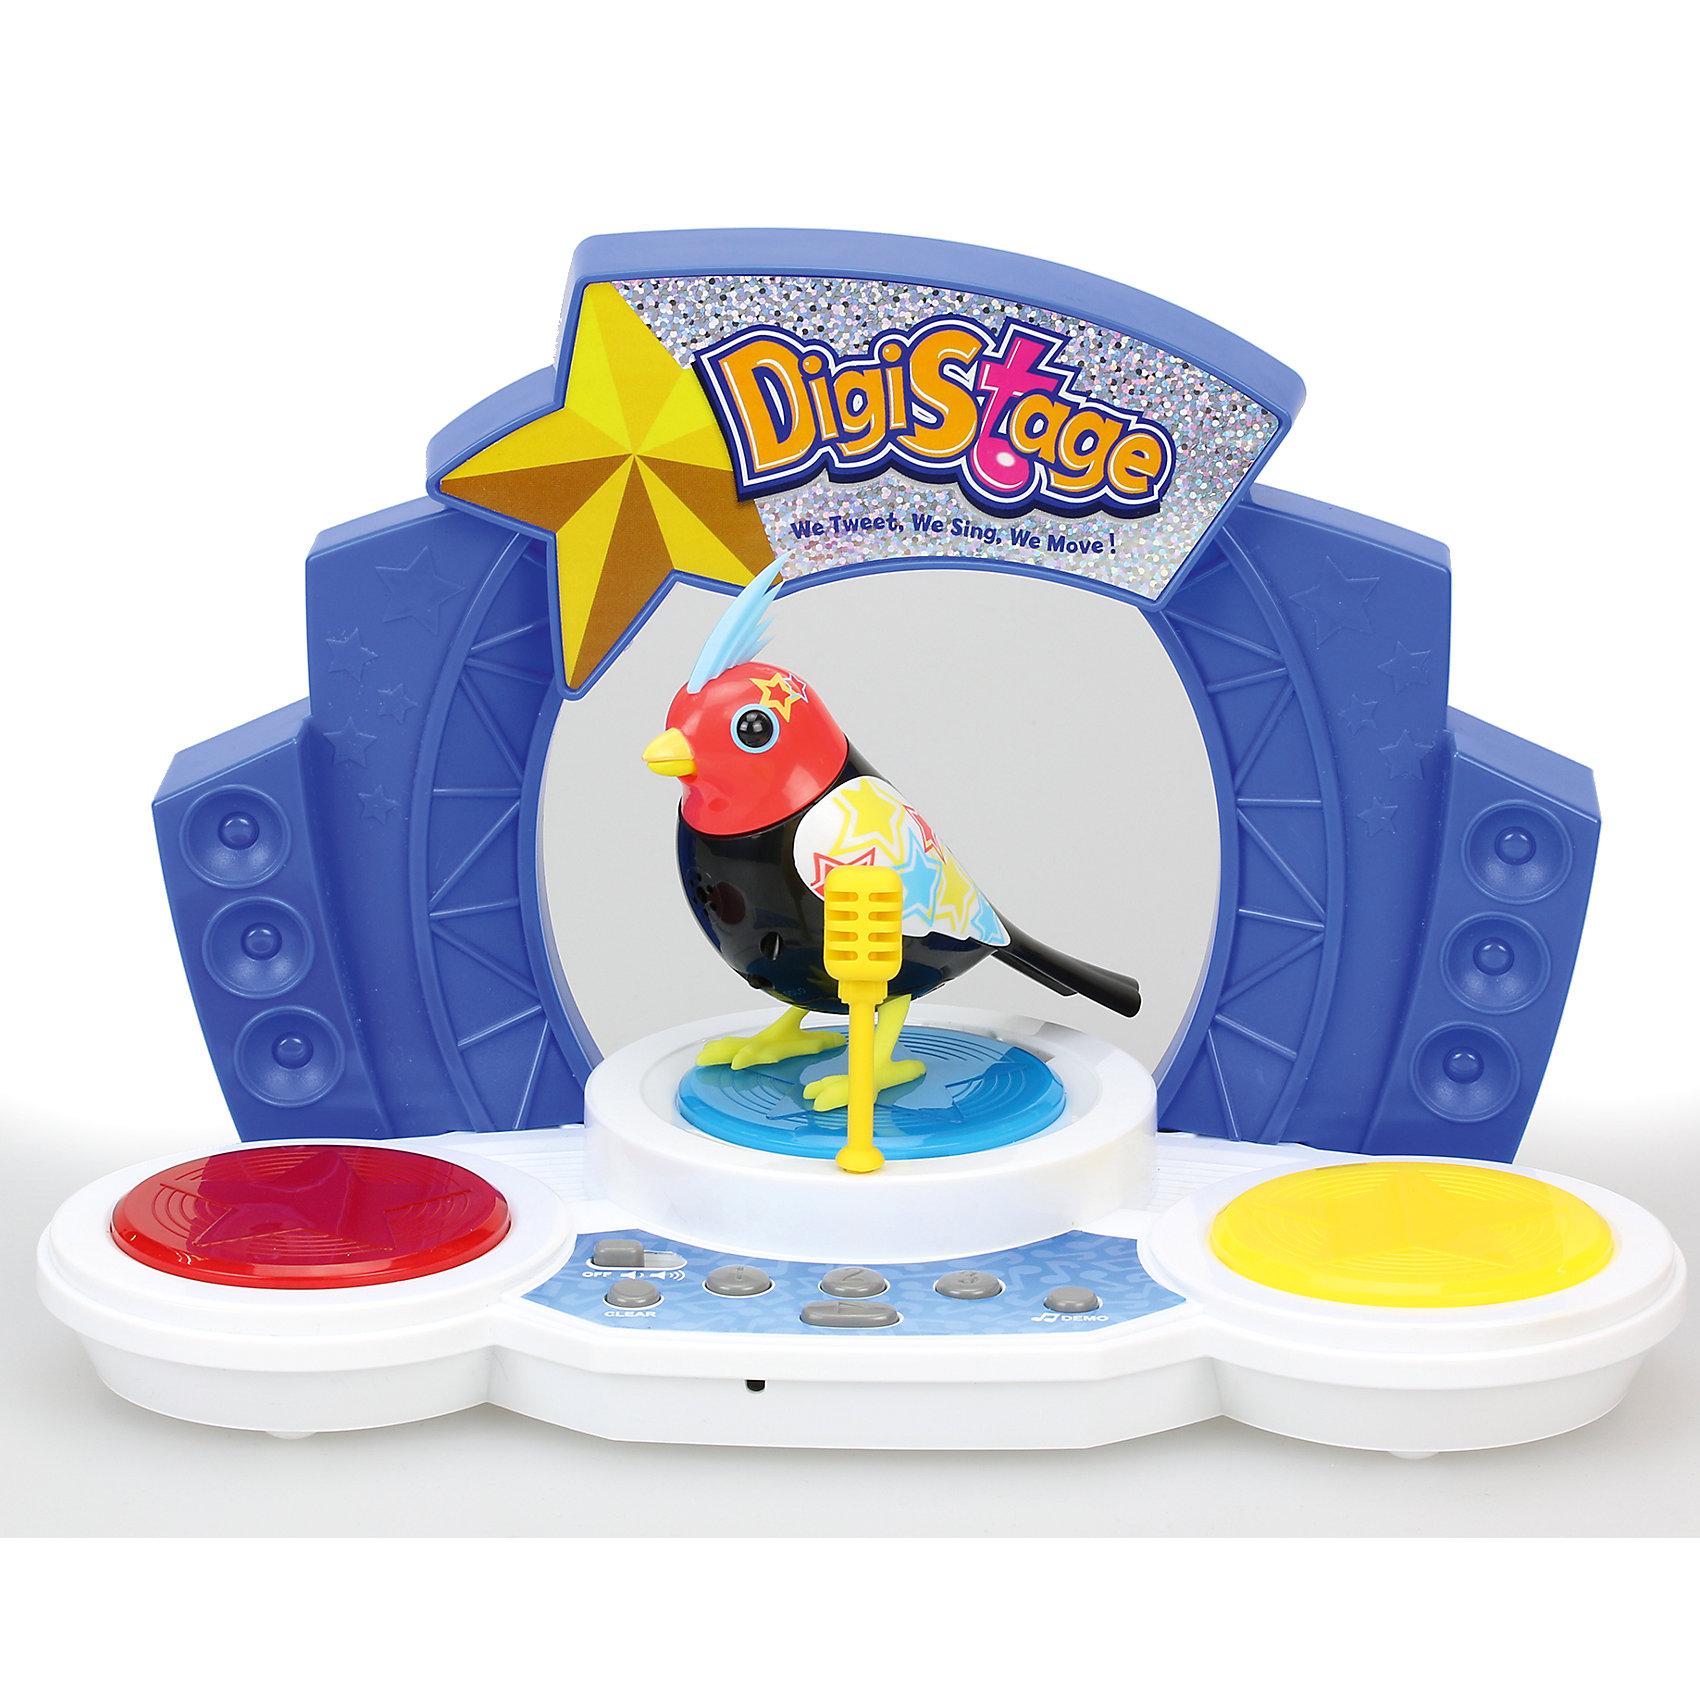 Поющая птичка со сценой, DigiBirdsИнтерактивные животные<br>Поющая птичка со сценой, DigiBirds, - оригинальная игрушка, которая вызовет интерес у детей любого возраста. Очаровательная птичка споет Вам со сцены более 58 мелодий и песен. У птички яркое красочное оперение, красная головка с голубым хохолком и нарядные крылышки, украшенные разноцветными звездочками. Чтобы птичка защебетала, нужно посвистеть в кольцо-свисток (входит в комплект). Ребенок может использовать свисток и как кольцо, надев его на палец и закрепив на нем птичку, и как насест для своего питомца. <br><br>На игрушечной сцене расположены кнопки проигрывания мелодий. Птичка может петь соло или в такт играющей мелодии в режиме хор. Вы можете слушать мелодии в произвольном порядке (кнопка SHUFFLE) или составить собственный плейлисте (к игрушке прилагается карточка с 4-х значными кодами популярных песен). Игрушка совместима с другими птичками из серии Digibirds. На игрушечной сцене помещается до трех птичек Digibirds, вы можете устроить настоящее представление, синхронизировав сразу несколько птичек. Главным в хоре становится персонаж, которого включили первым.<br><br>Дополнительная информация:<br><br>- В комплекте: птичка, сцена с кнопками управления игрушкой, микрофон, свисток для активизации птички, наклейки.<br>- Материал: пластмасса.<br>- Требуются батарейки: 3 х LR44 (не входят в комплект).<br>- Размер птички: 7 см.<br>- Размер упаковки: 25,5 x 21,5 x 13,5 см.<br>- Вес: 0,573 кг.<br><br>Поющую птичку со сценой, DigiBirds, можно купить в нашем интернет-магазине.<br><br>Ширина мм: 133<br>Глубина мм: 216<br>Высота мм: 254<br>Вес г: 573<br>Возраст от месяцев: 36<br>Возраст до месяцев: 84<br>Пол: Унисекс<br>Возраст: Детский<br>SKU: 4310793